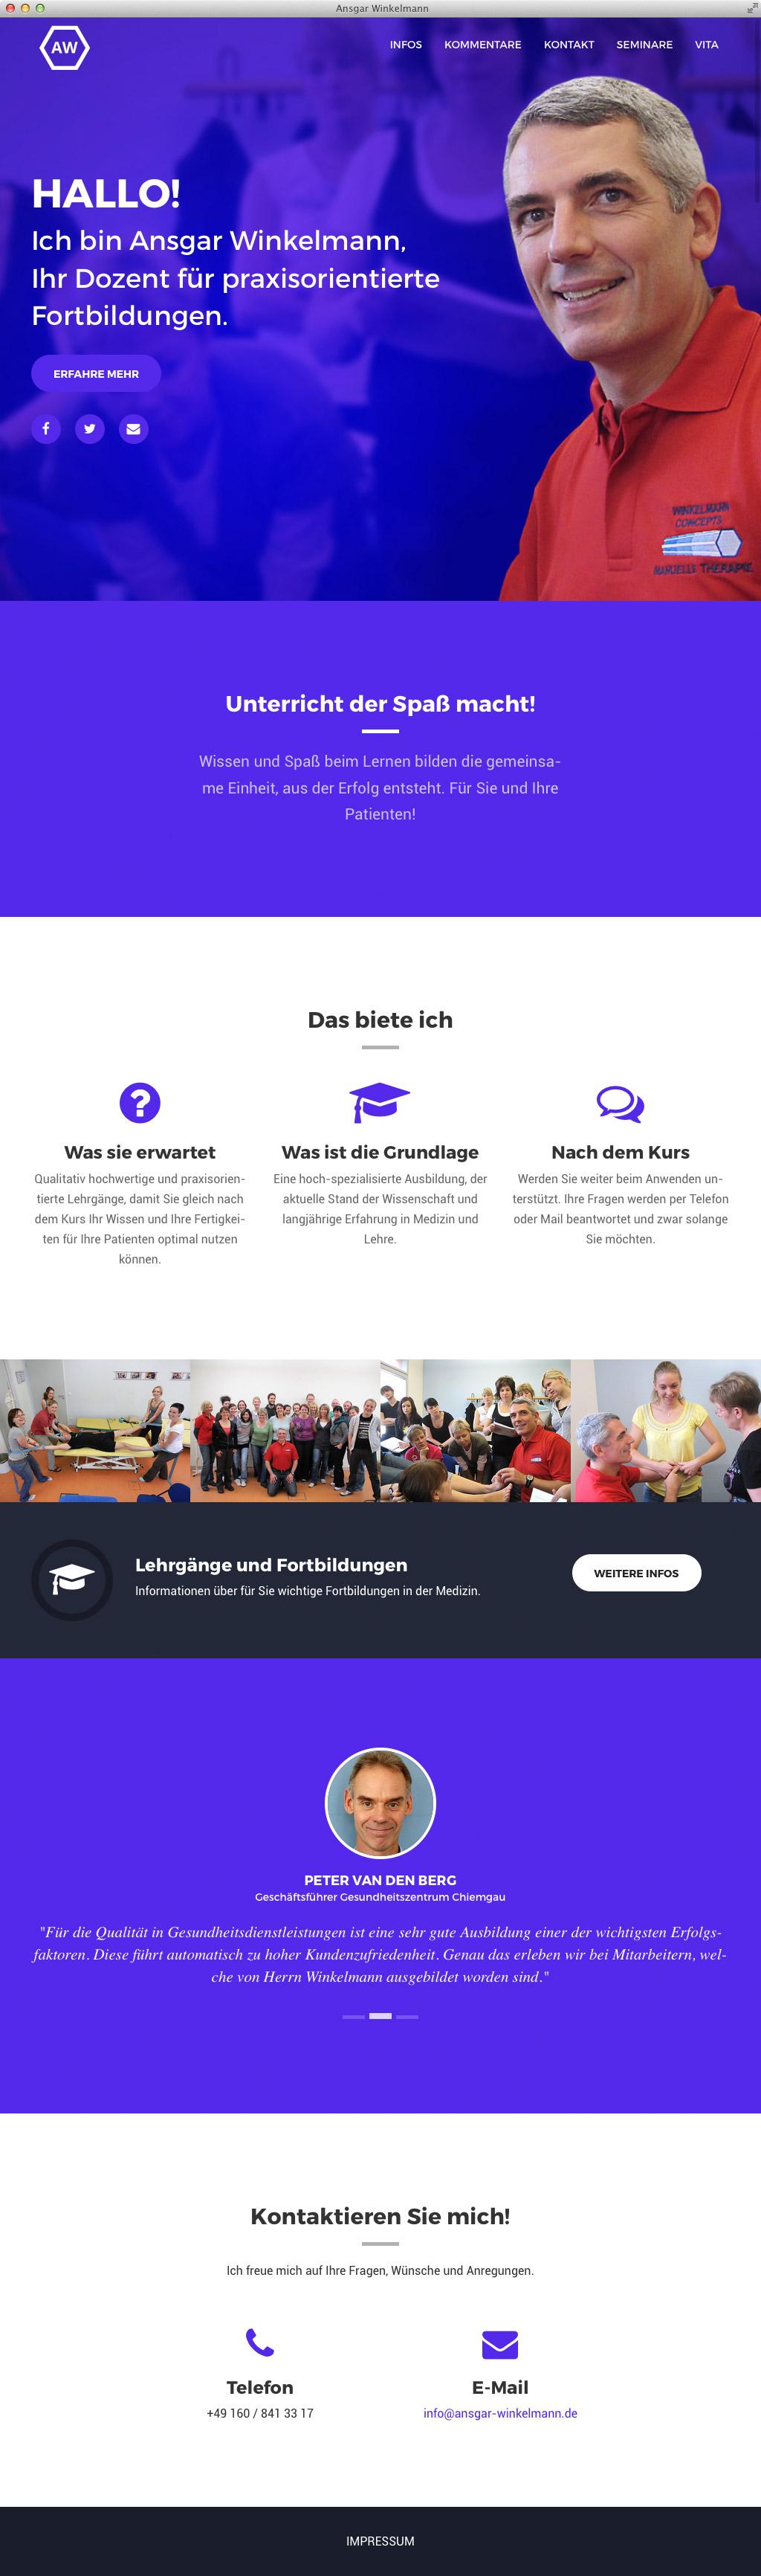 website-ansgar-winkelmann